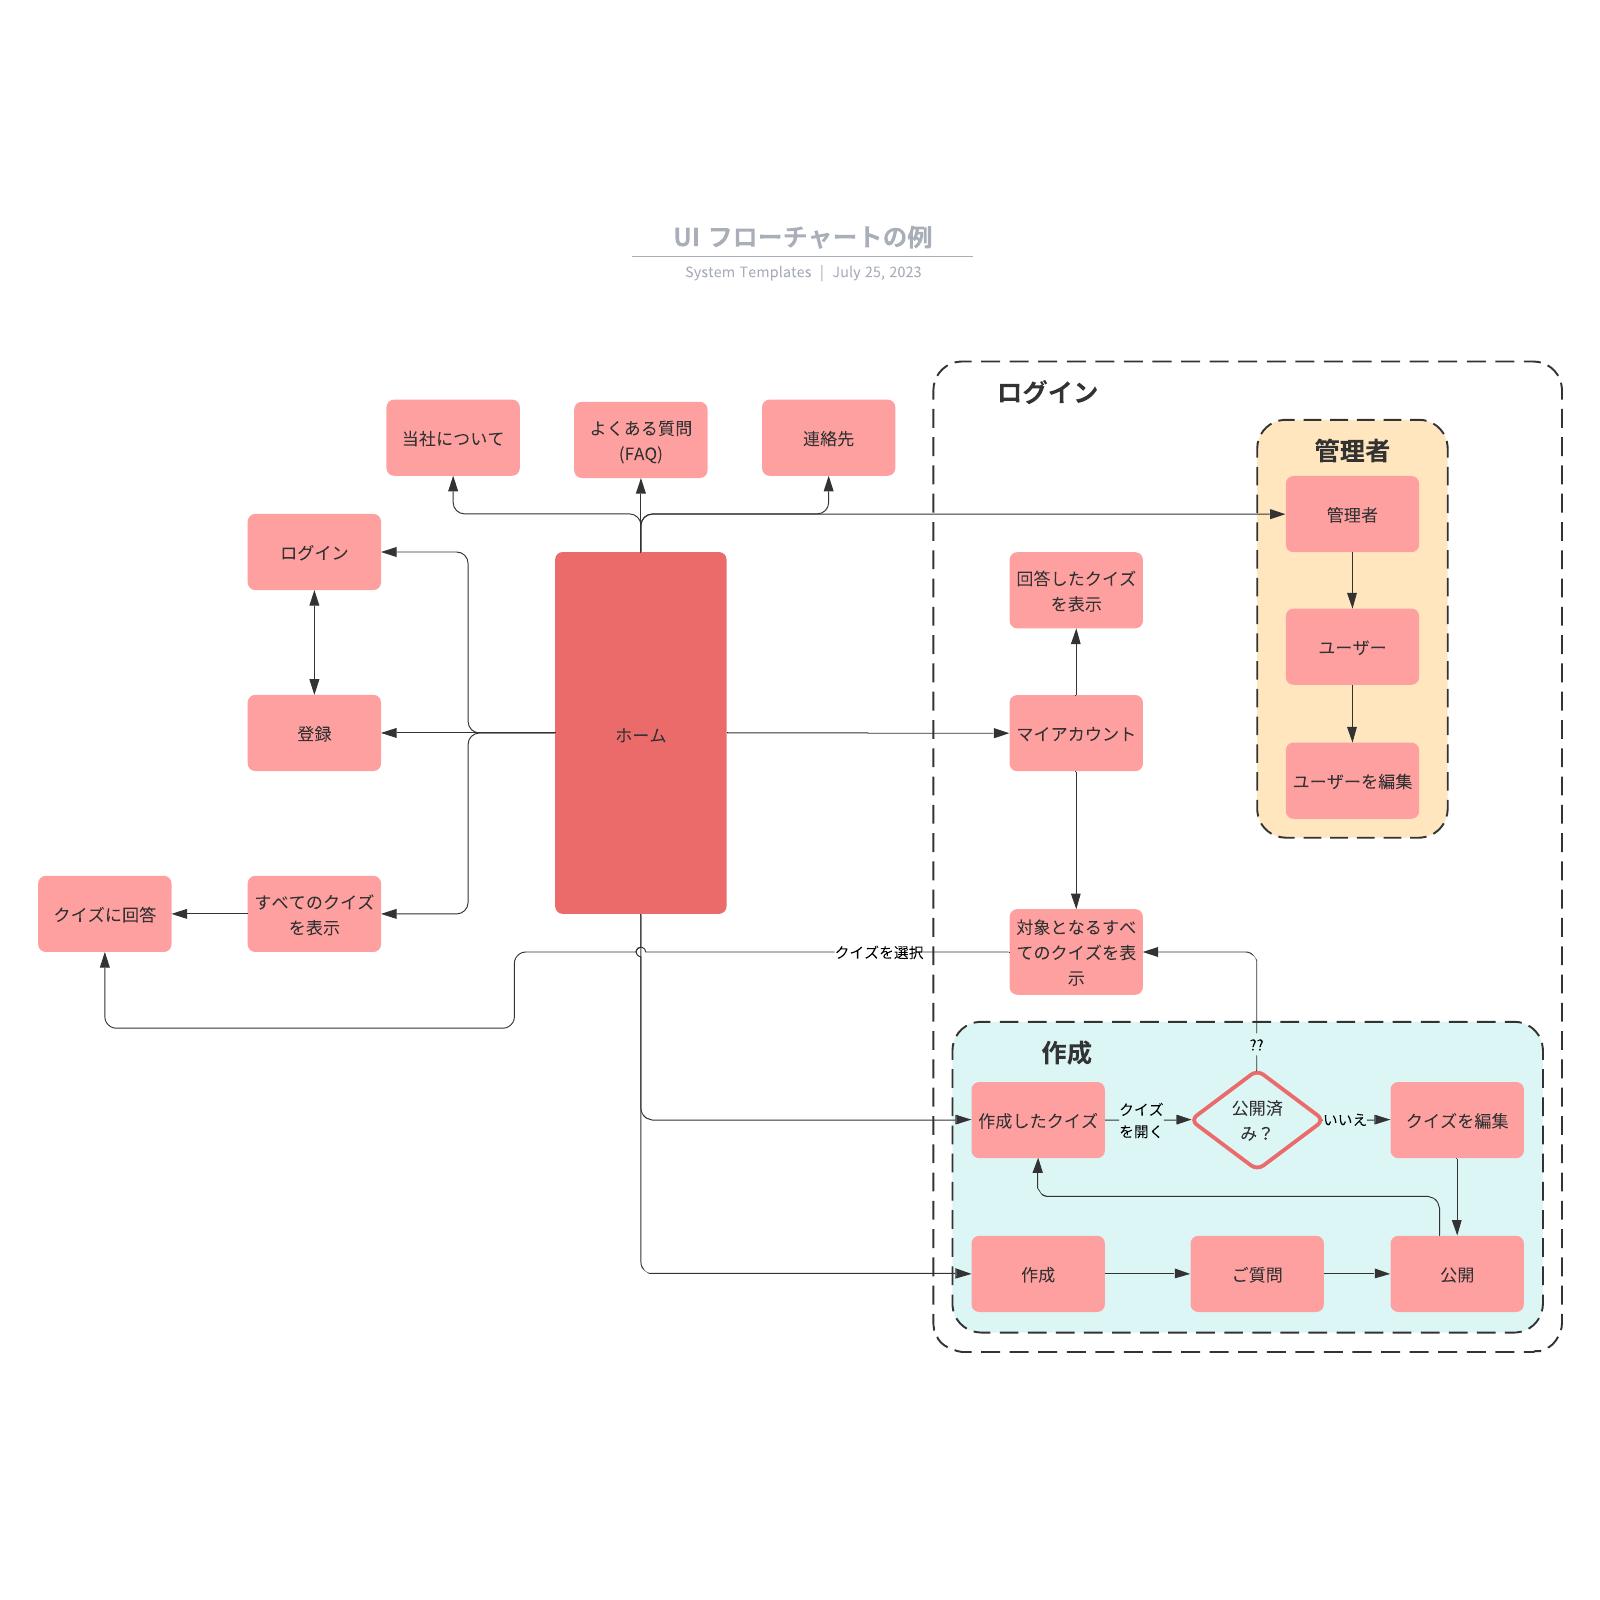 UIやUXデザイナーの業務に使えるフローチャートテンプレート